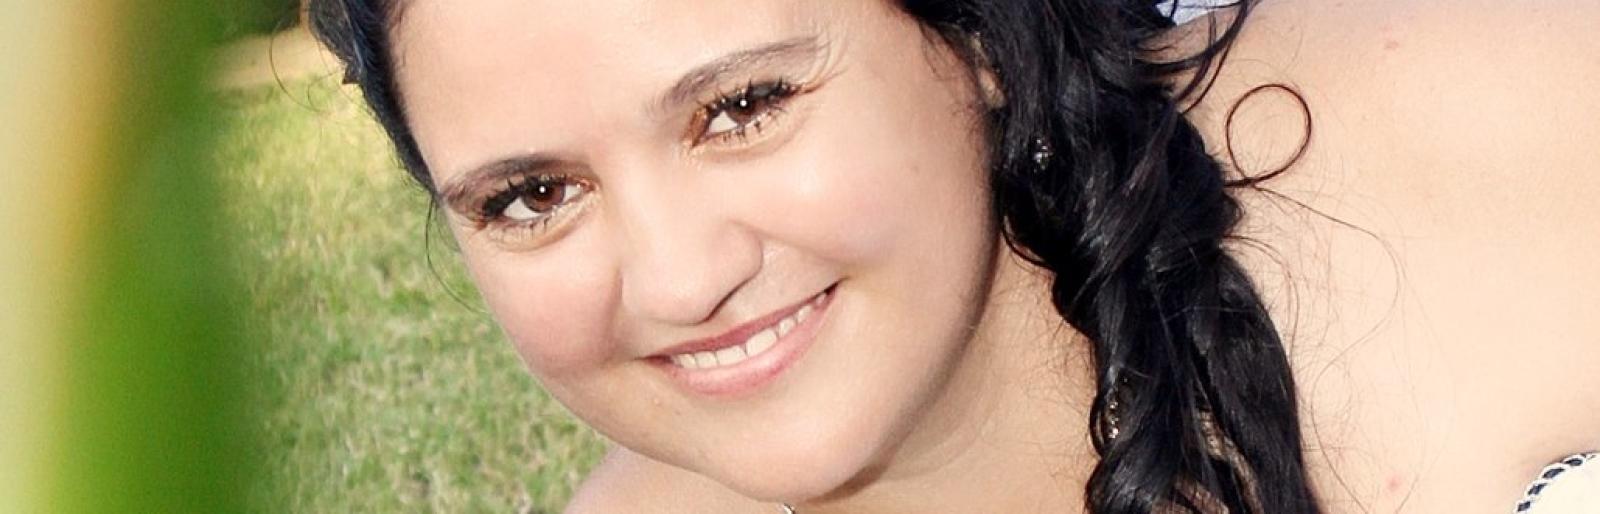 Natasha Nadine